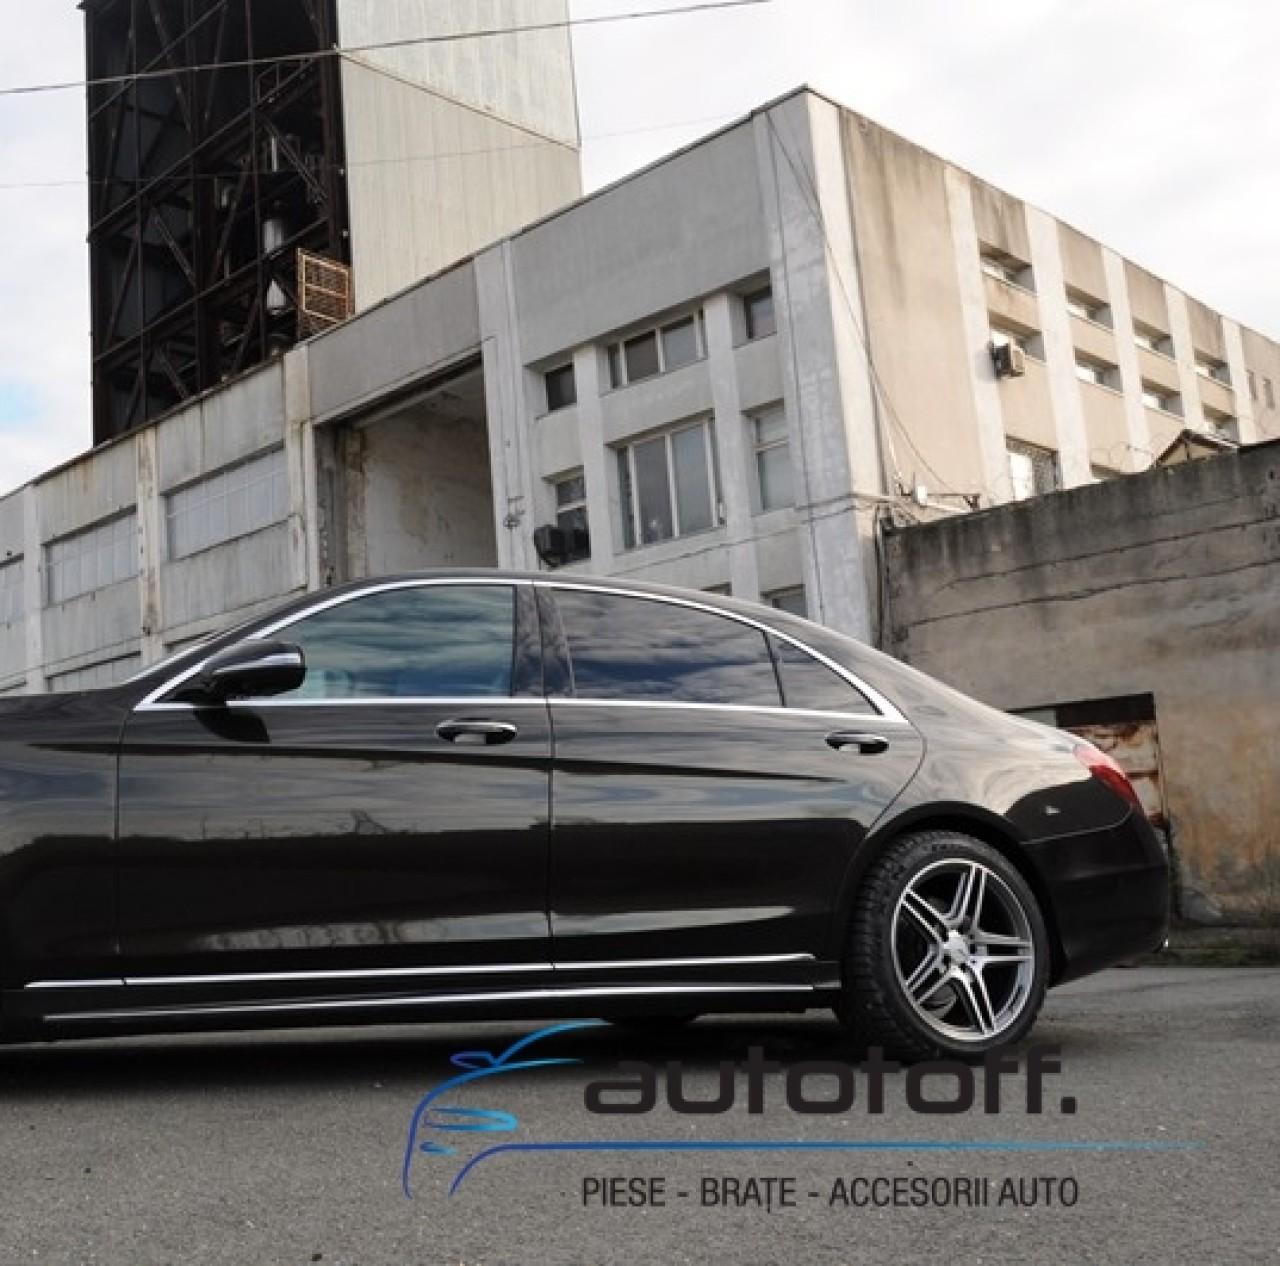 Bara Fata Mercedes Benz W222 S-Class (2013-up) S65 AMG Design cu Praguri Laterale